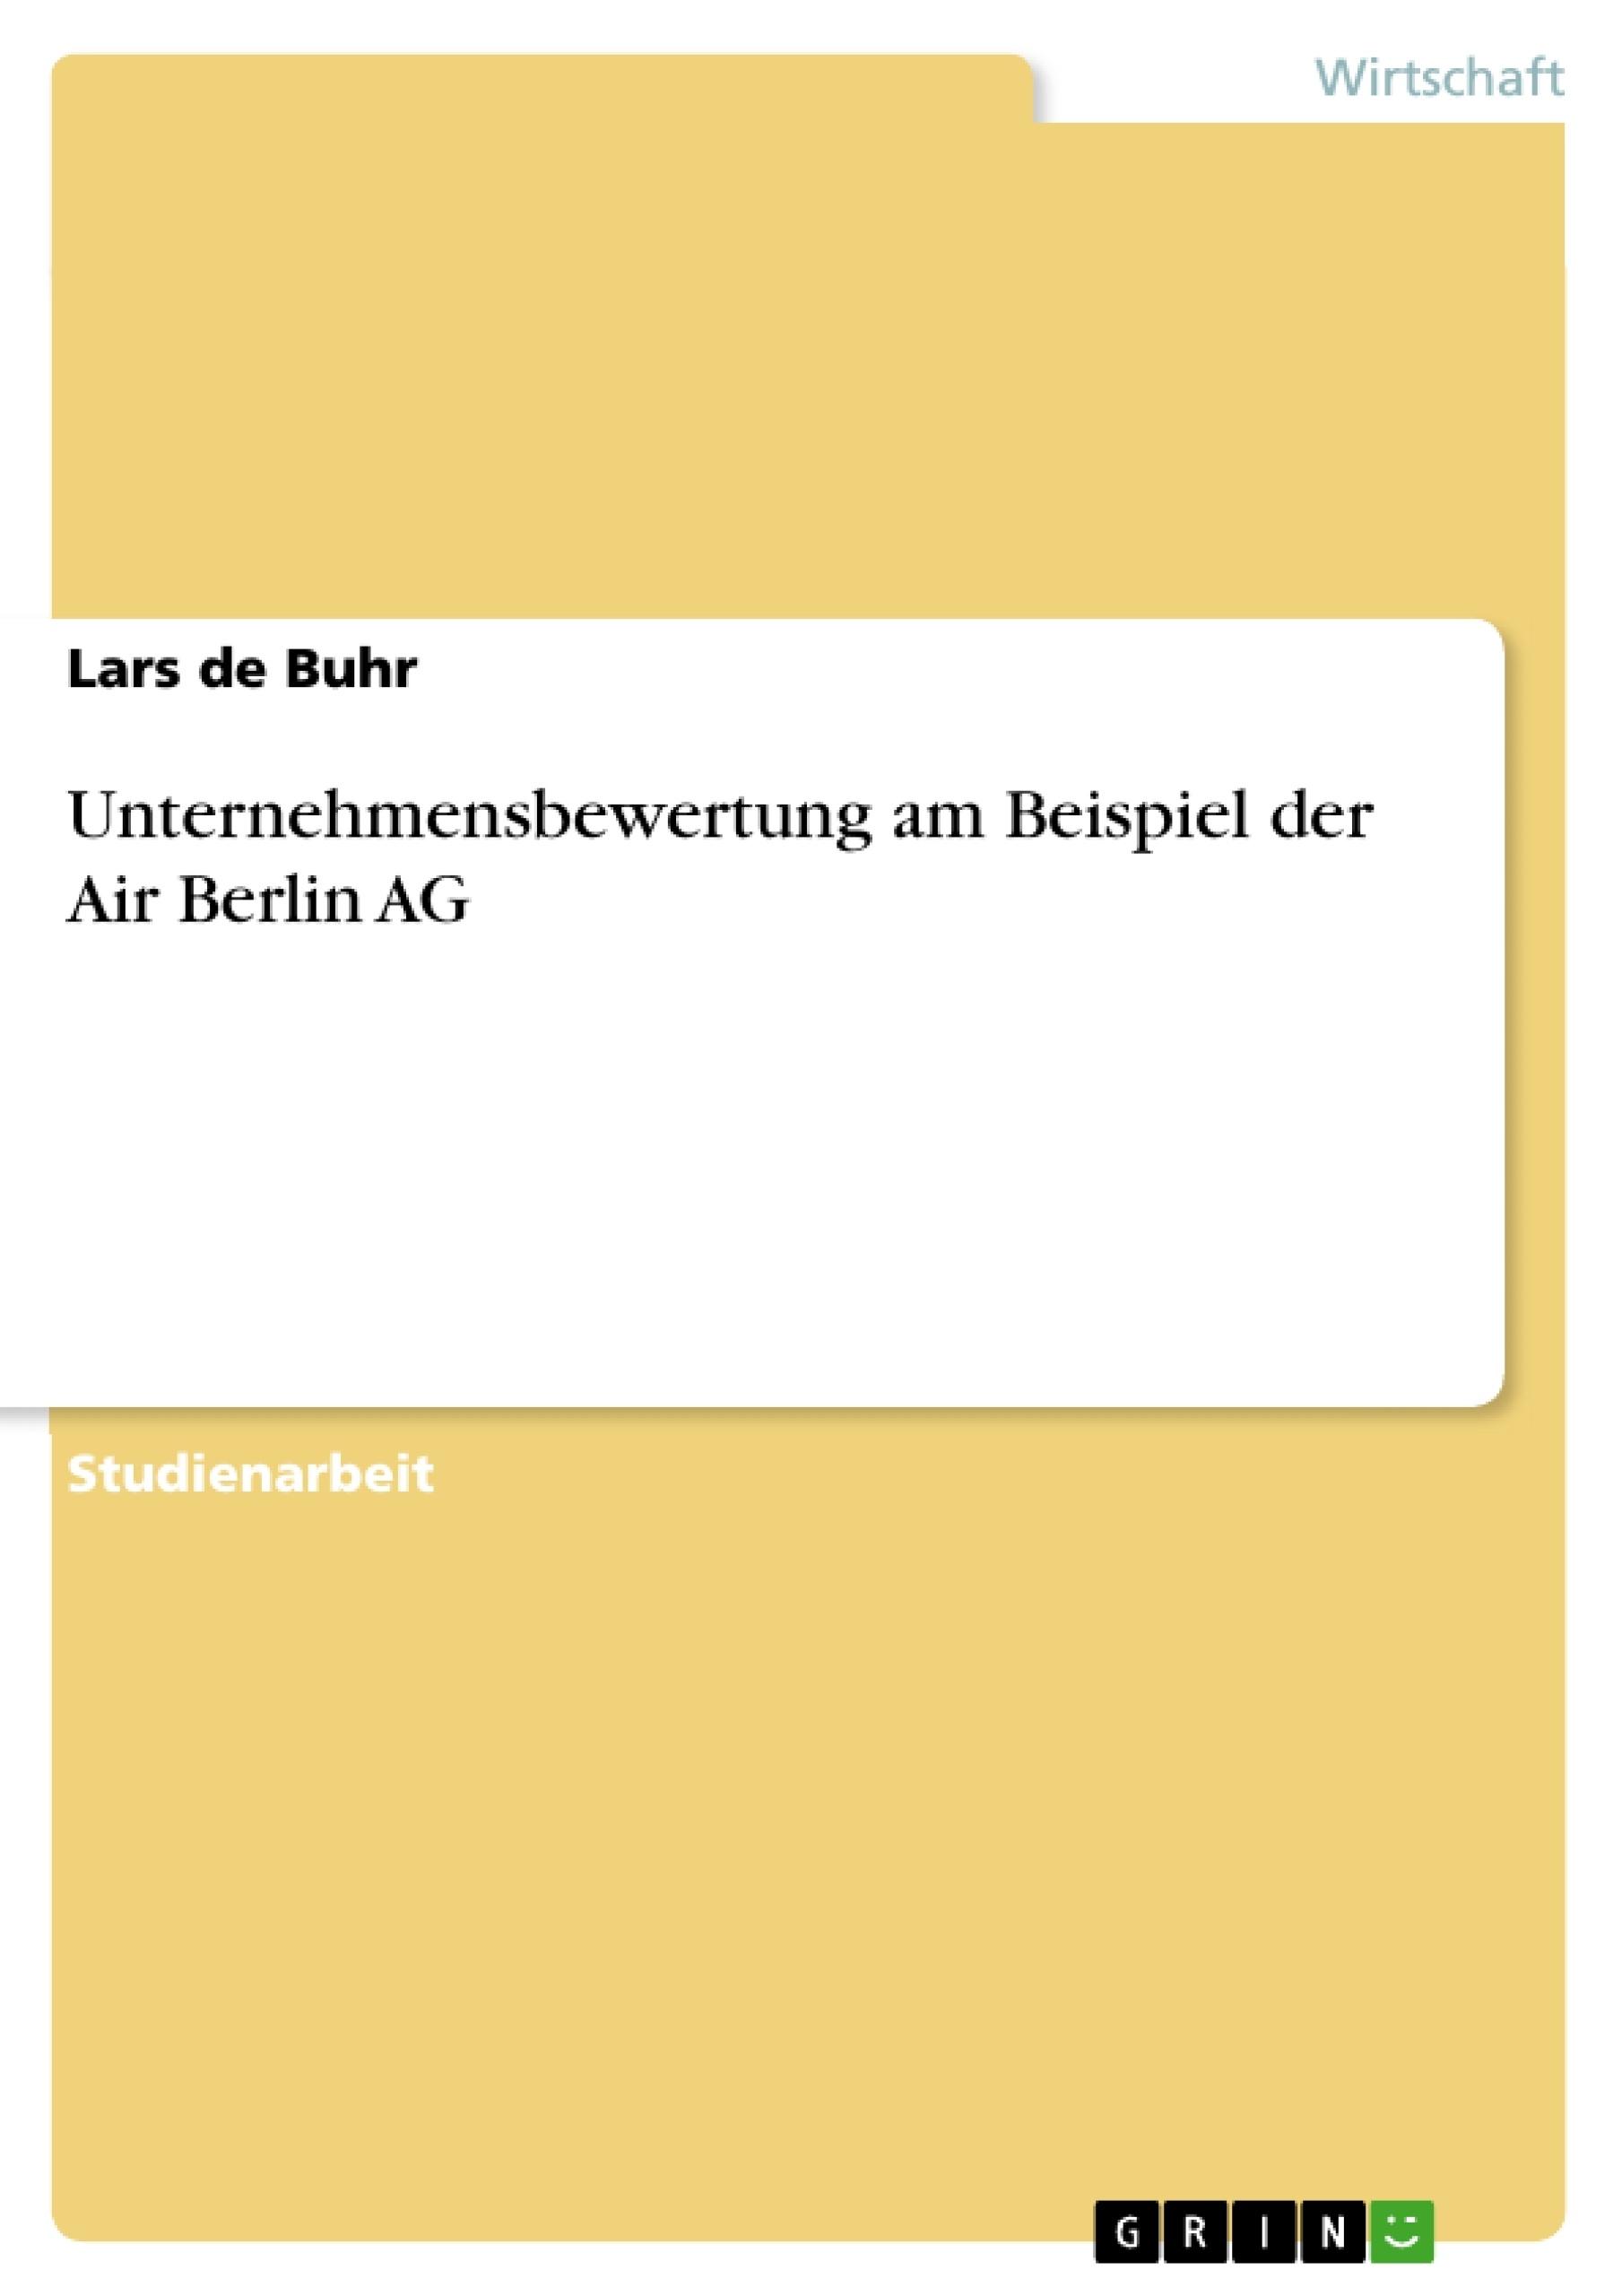 Titel: Unternehmensbewertung am Beispiel der Air Berlin AG